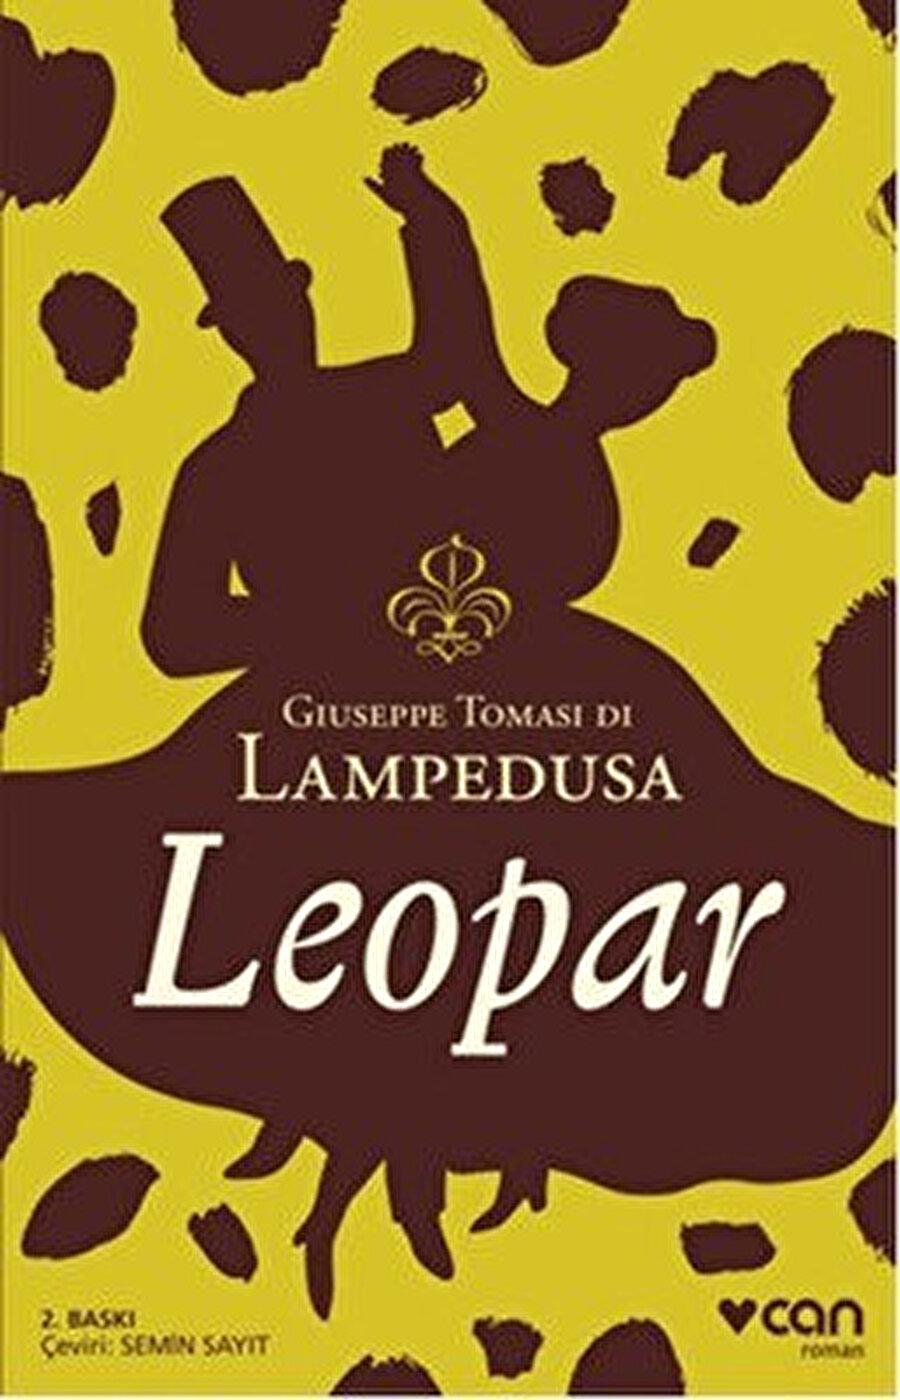 """Talihsiz İtalyan aristokrat Giuseppe Tomasi di Lampedusa'nın Leopar başlıklı romanının kahramanı Prens Fabrizio Salina, """"yüzyıllardır giderlerinin ve borçlarının hesabını bile yapmayı beceremeyen bir ailenin matematiğe karşı güçlü ve gerçek bir eğilimi olan ilk (ve son) bireyiydi"""